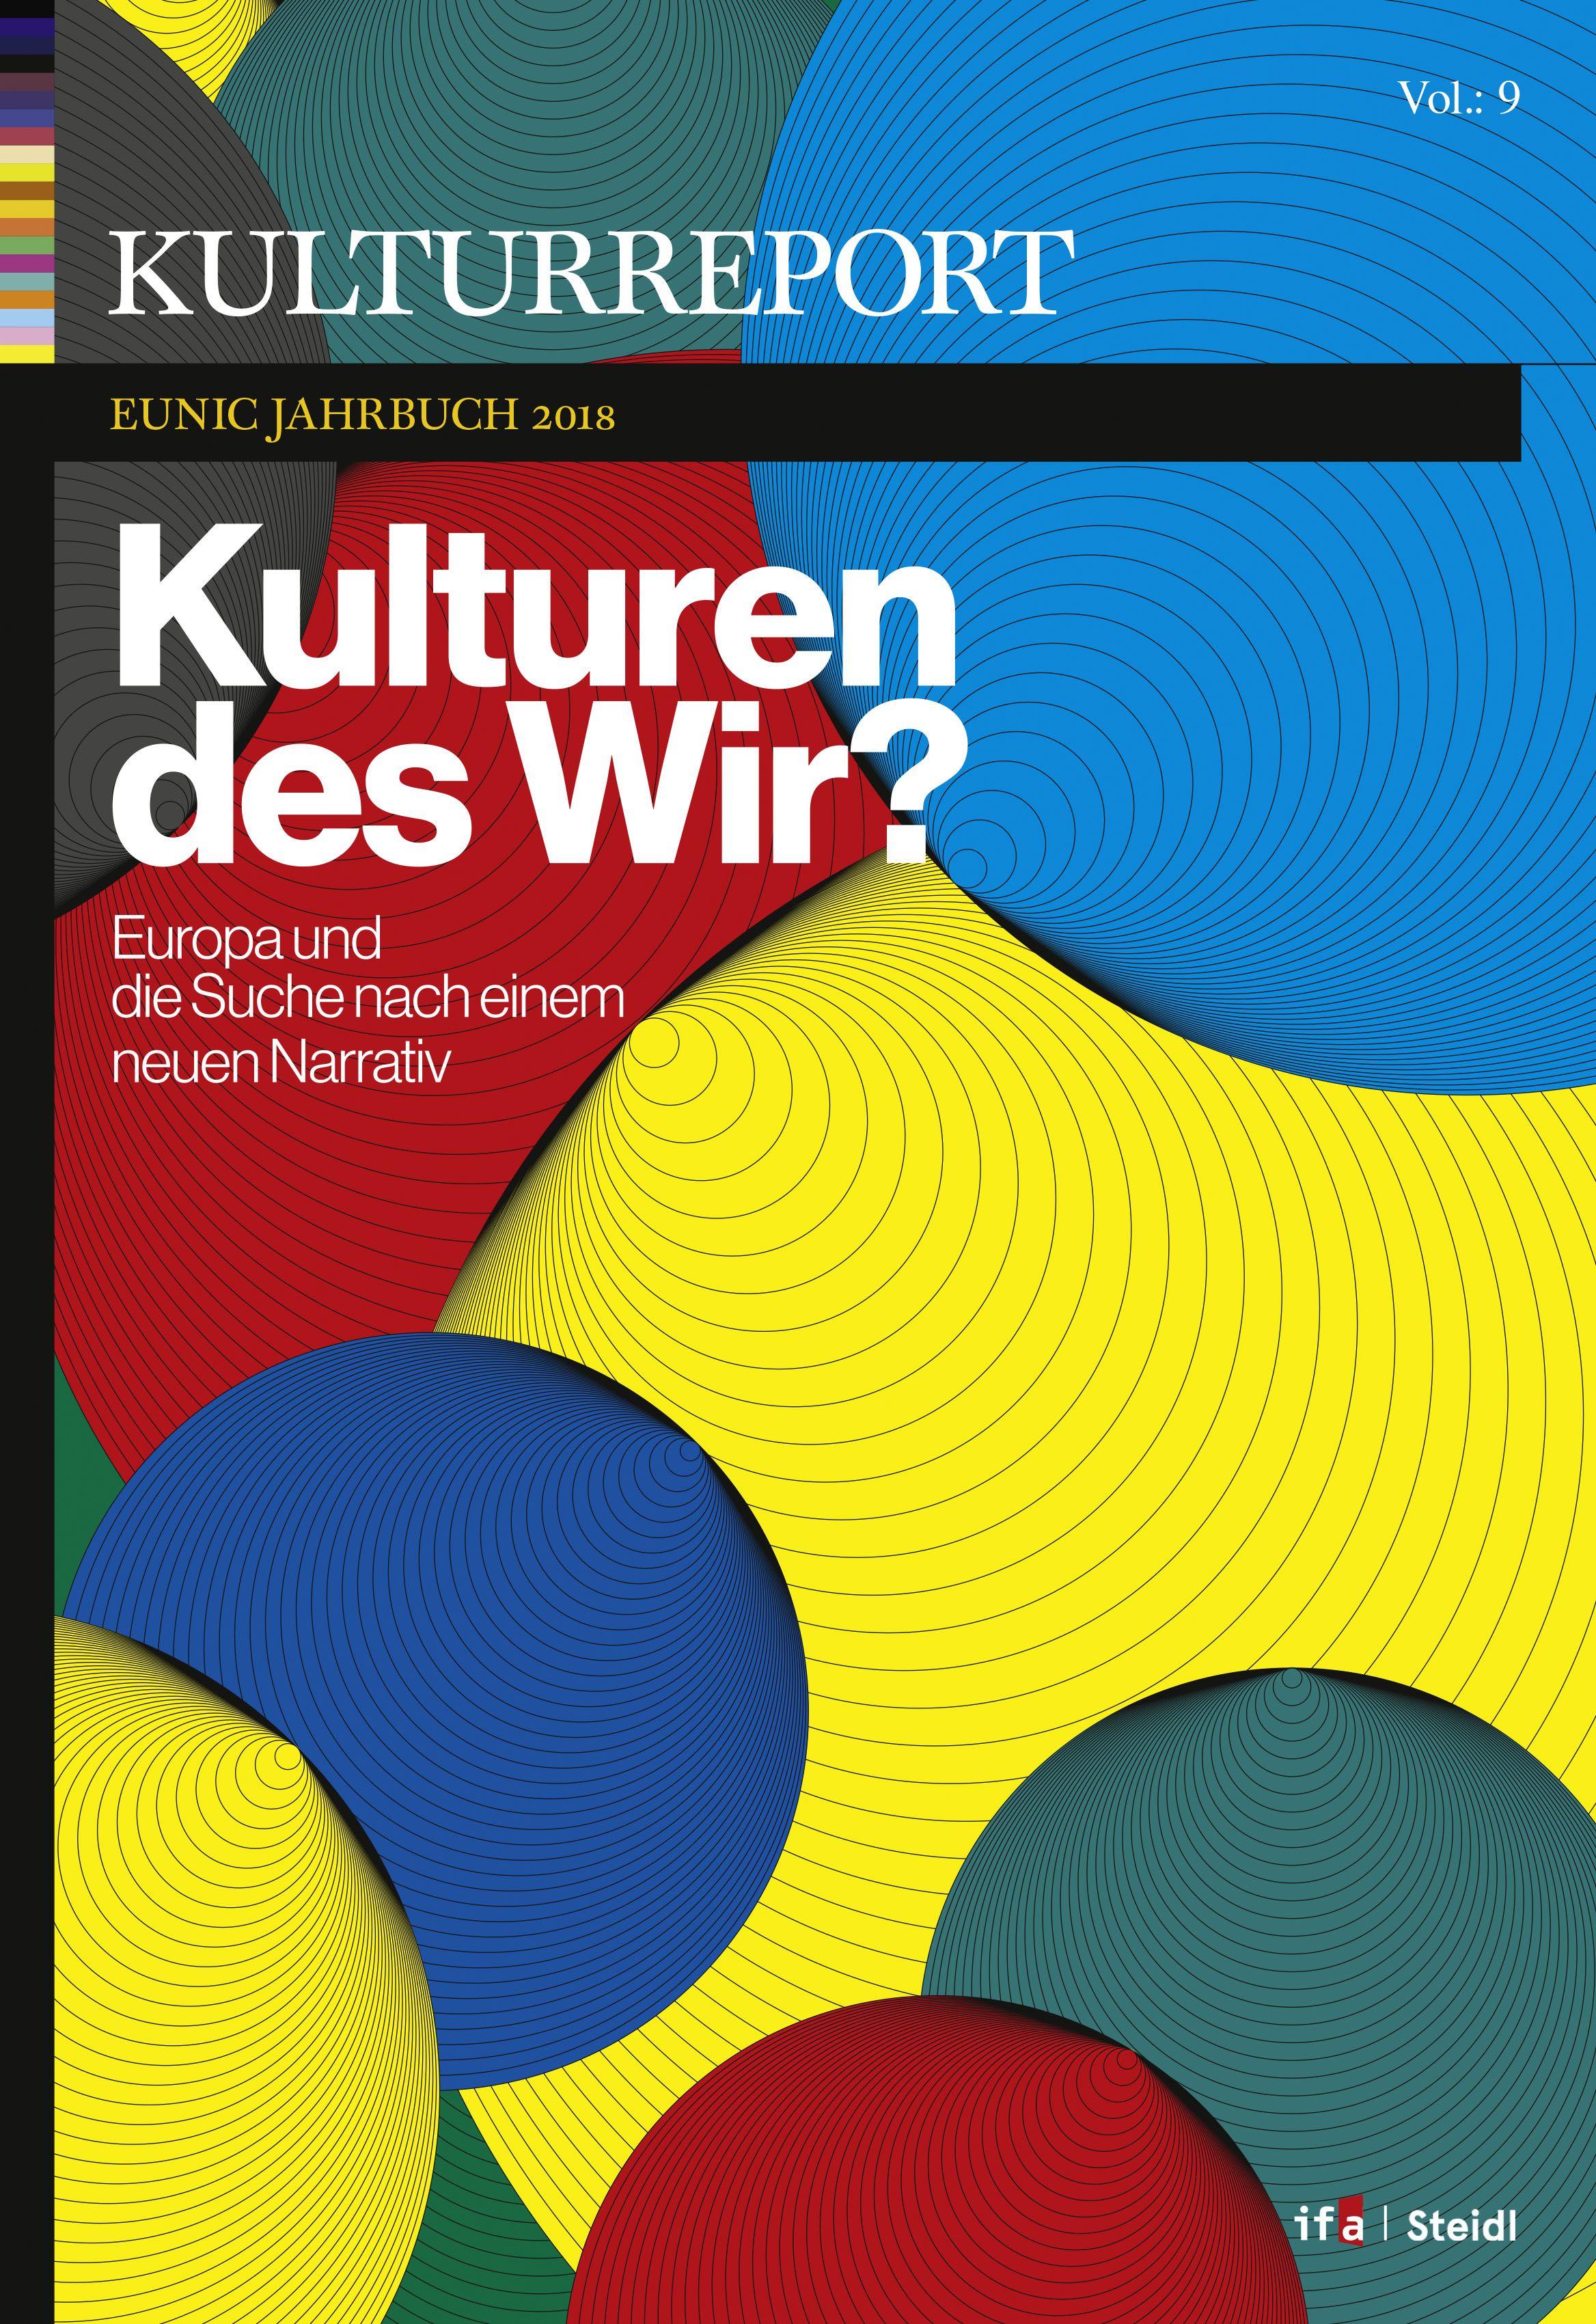 Kulturreport EUNIC-Jahrbuch 2018: Kulturen des Wir? Europa und die Suc